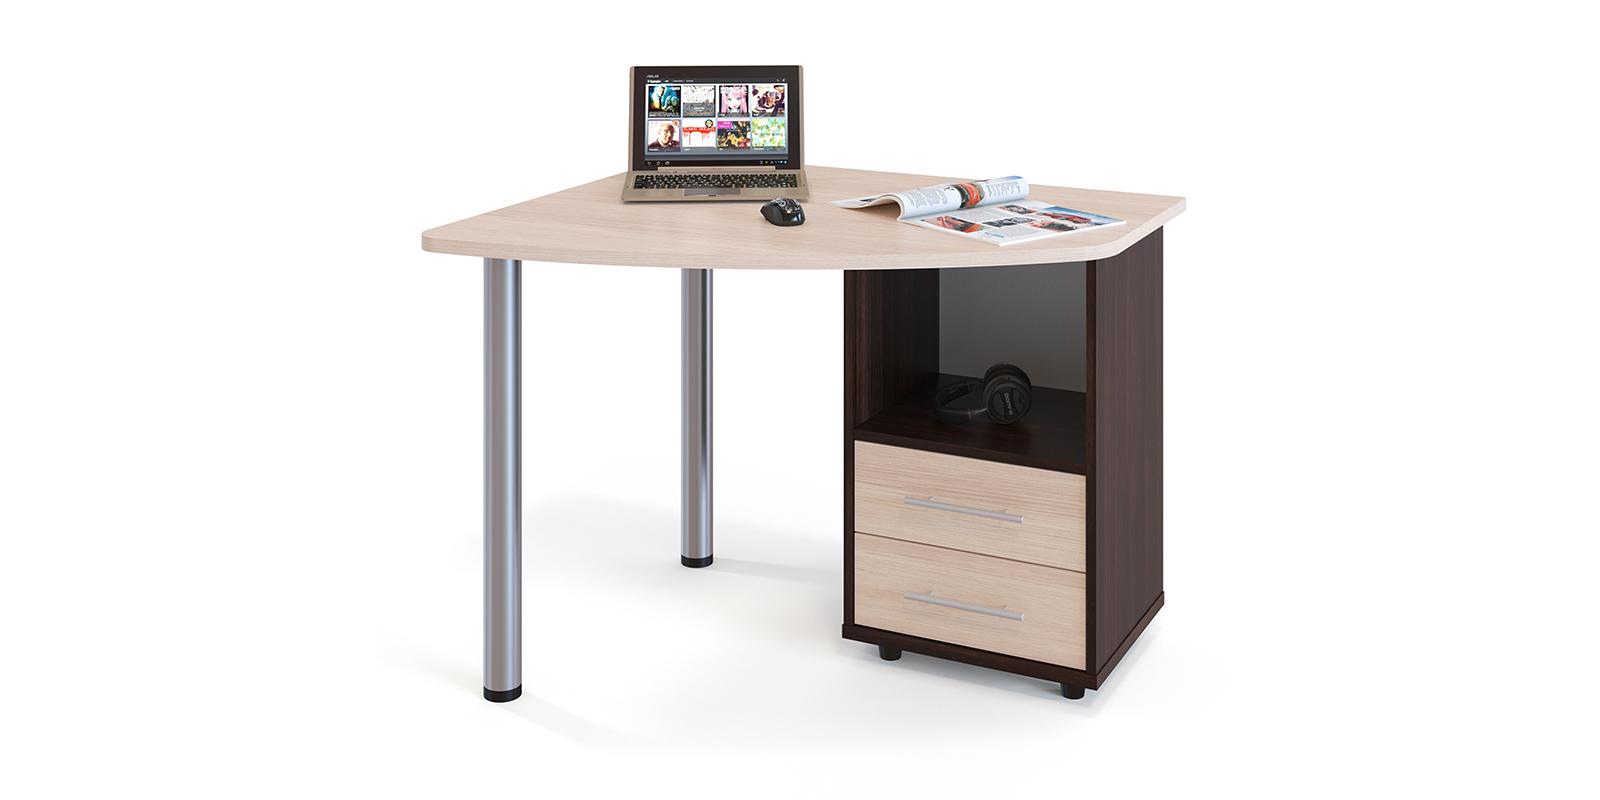 Стол компьютерный Гала правый угол (венге/беленый дуб) Гала